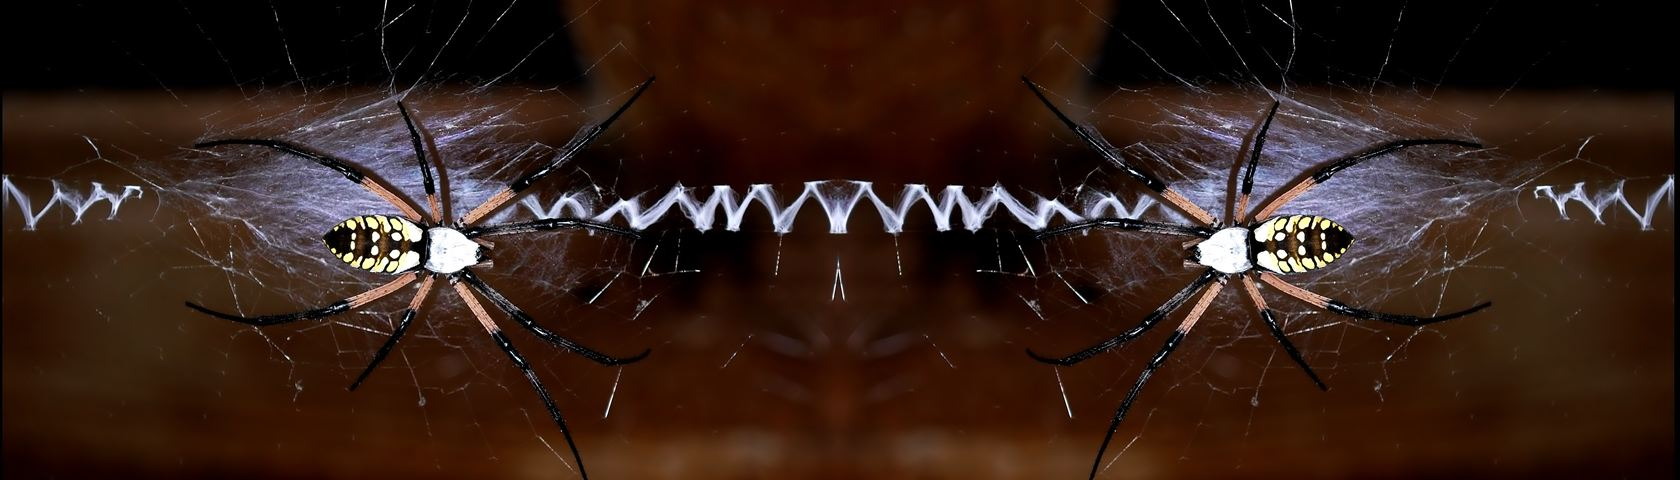 An Amazing Arachnid 2 by Alpine Arts